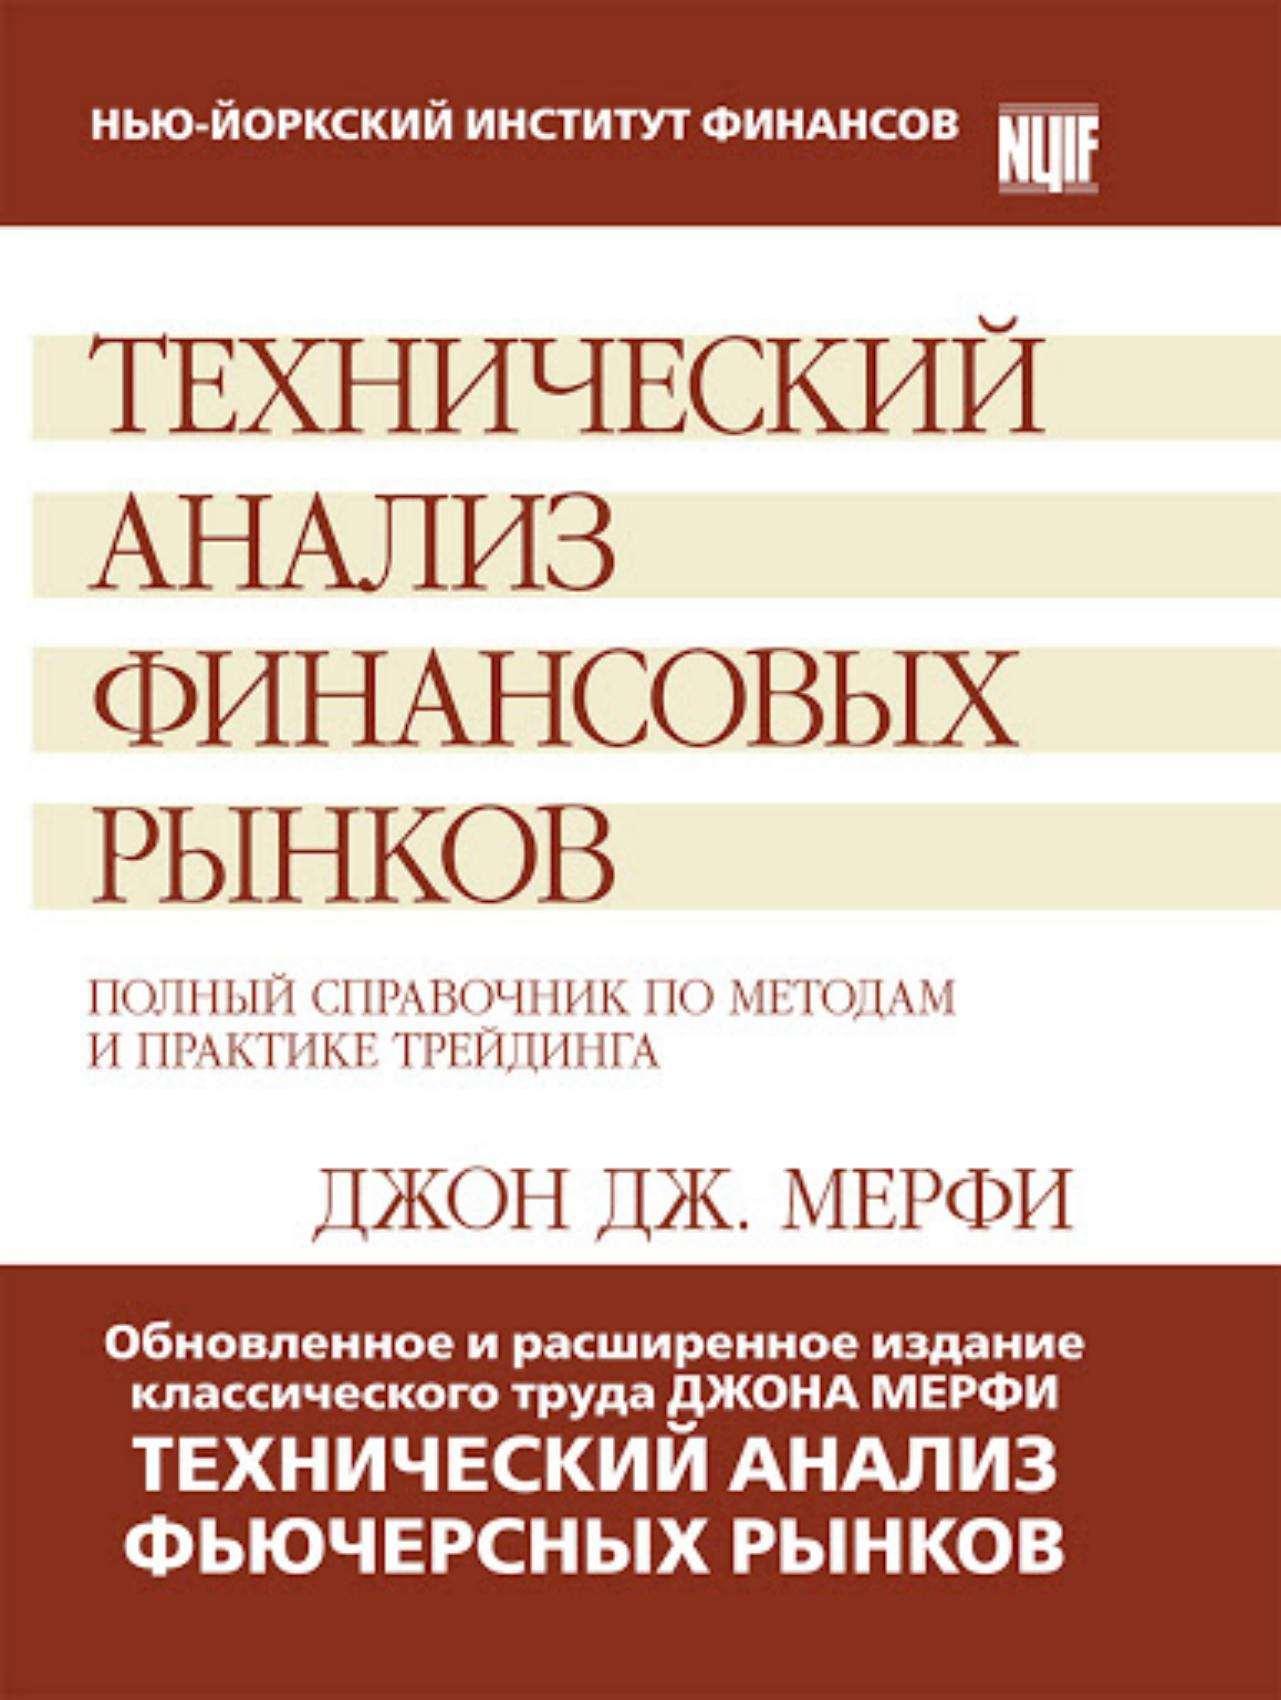 Д. Мерфи «Технический анализ финансовых рынков»